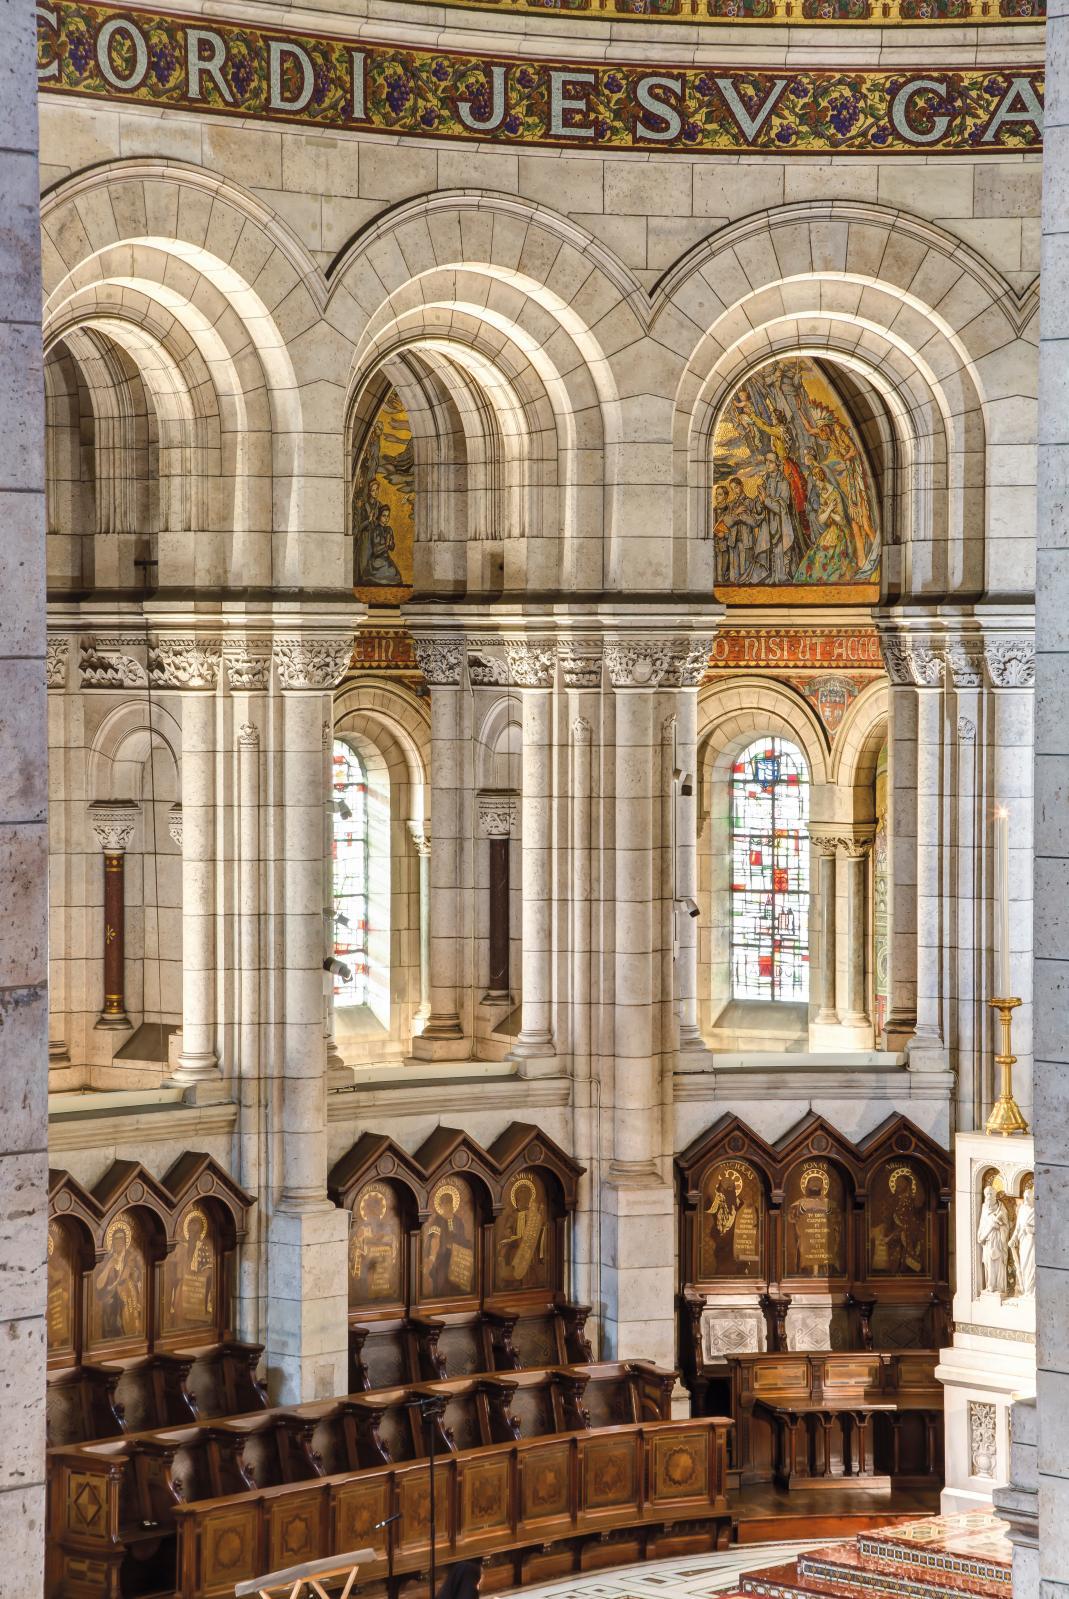 Le chœur et les stalles de la basilique. ©Basilique du Sacré-Cœur de Montmartre / Sophie Lloyd